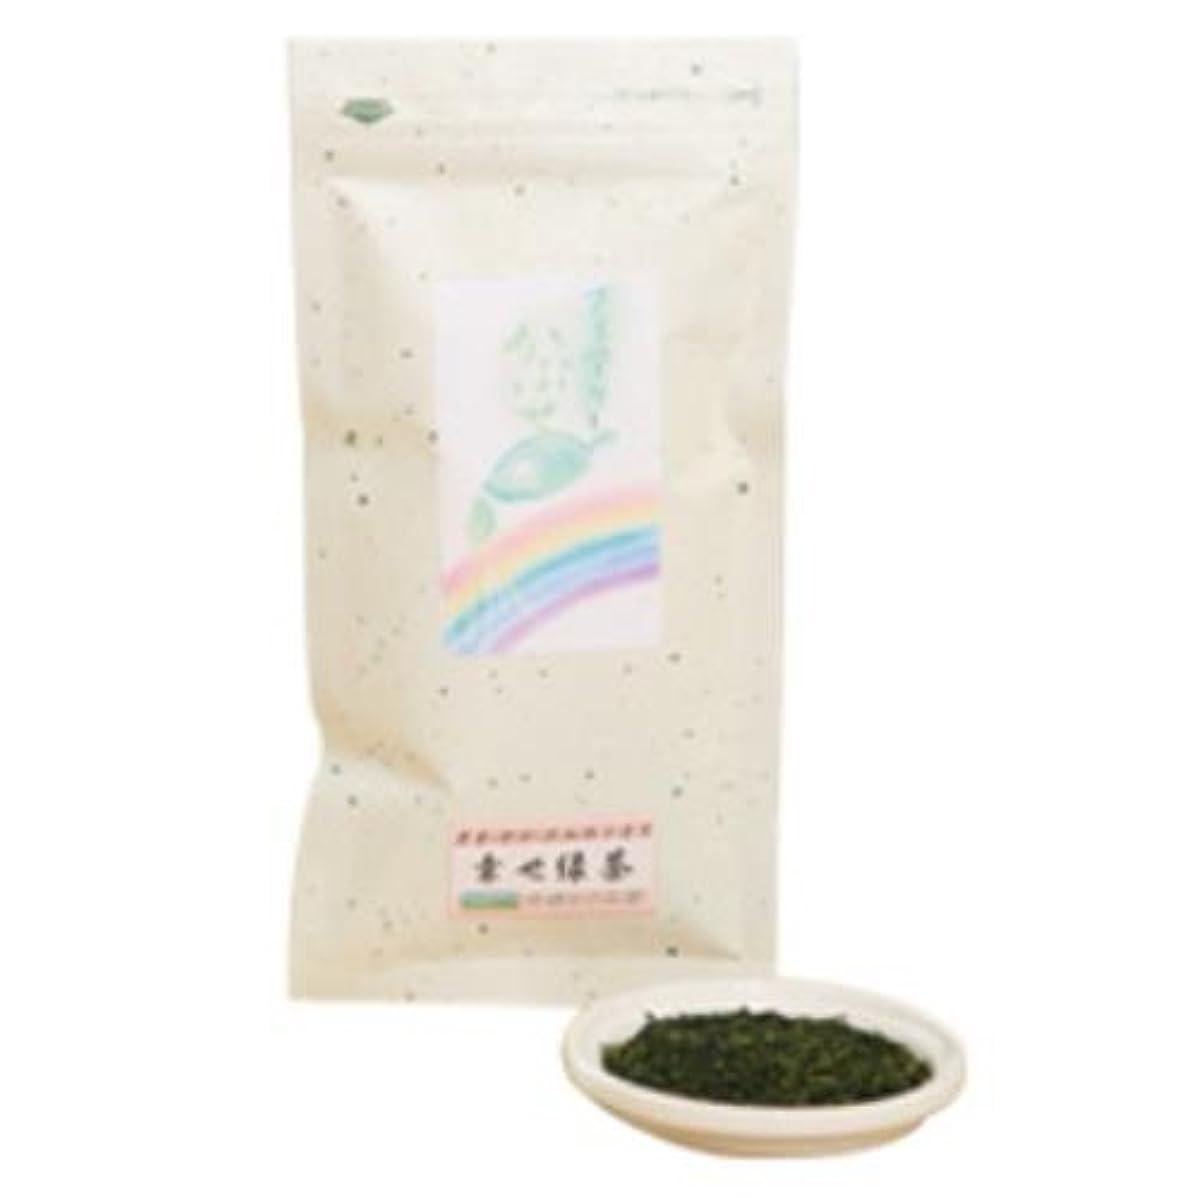 暴君スペイン語まどろみのあるかぶせ緑茶 80g